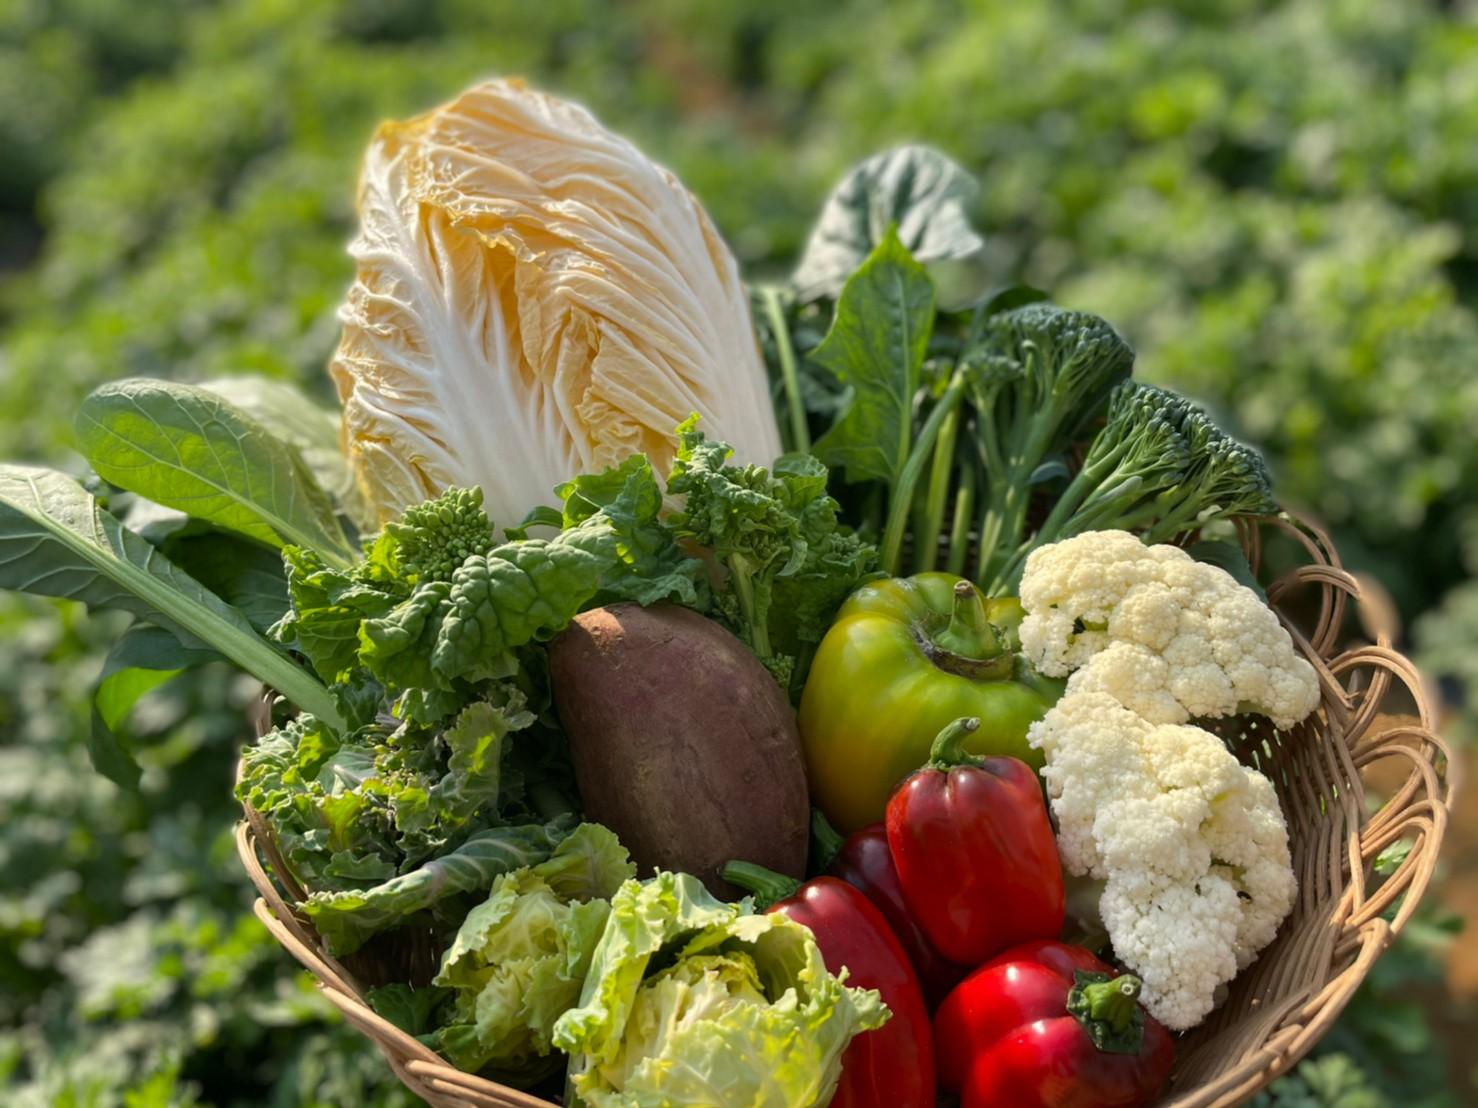 野菜・果物の写真の撮影方法